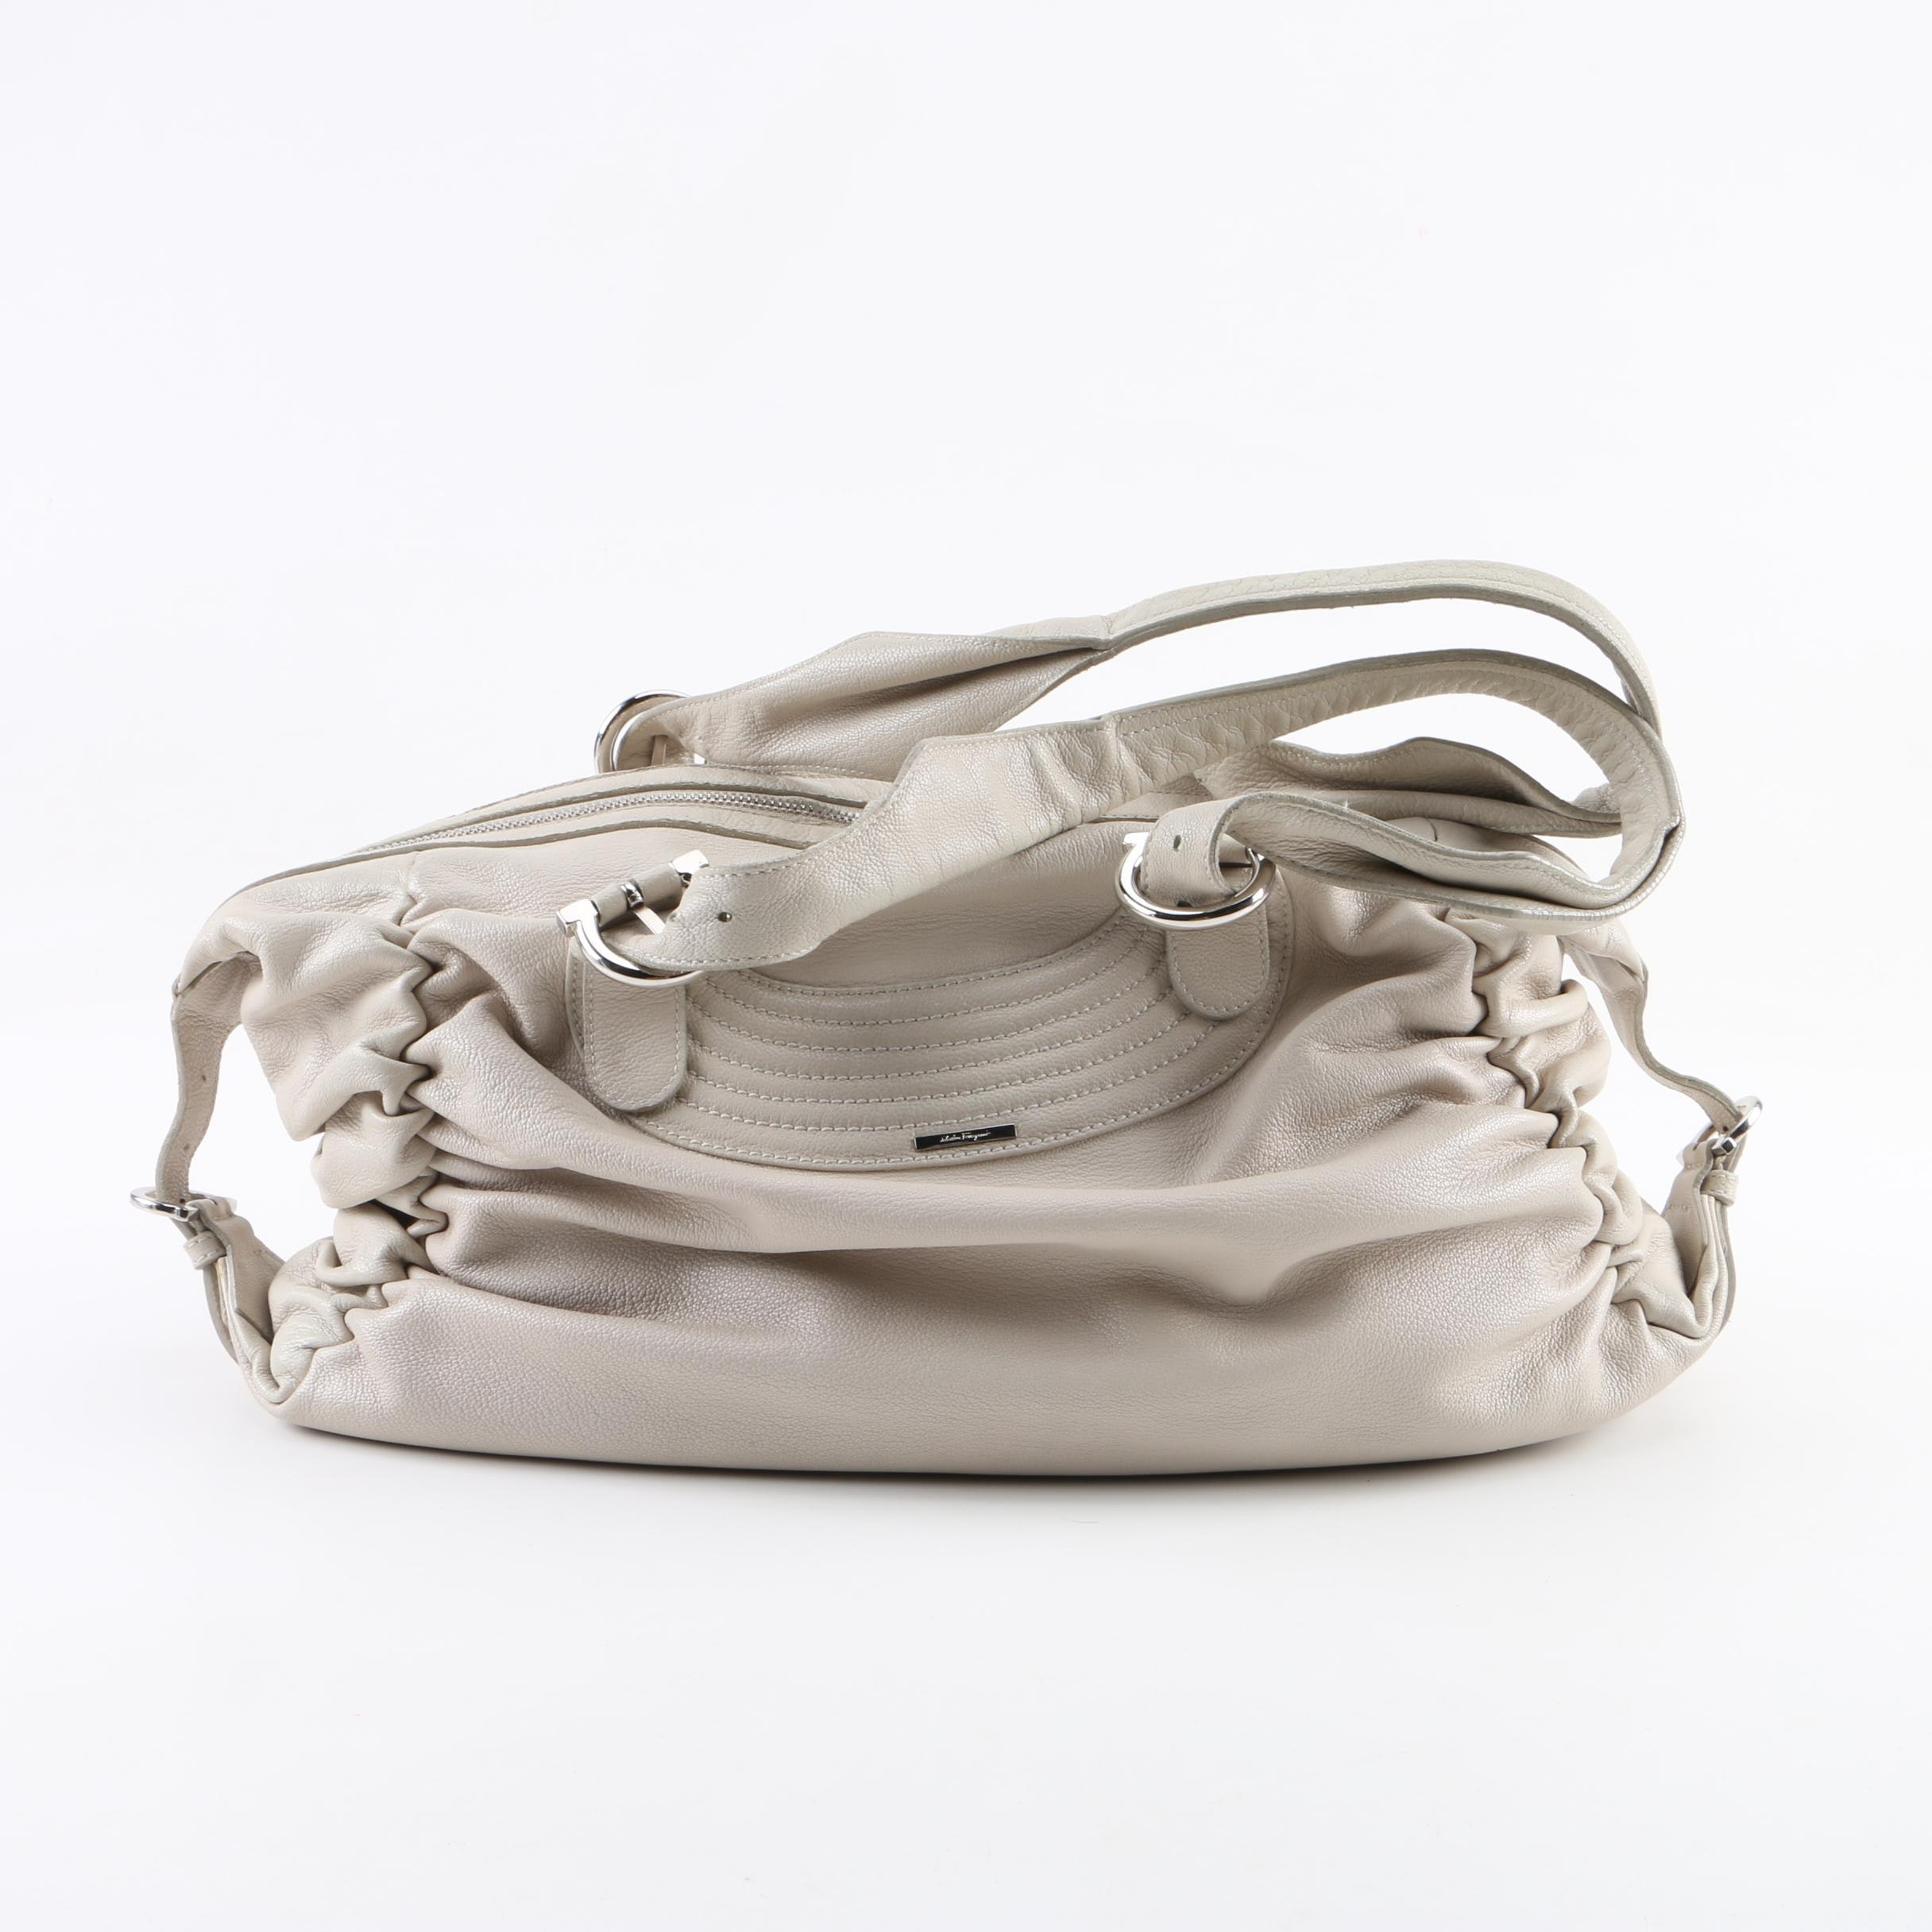 Salvatore Ferragamo Cream Leather Shoulder Bag